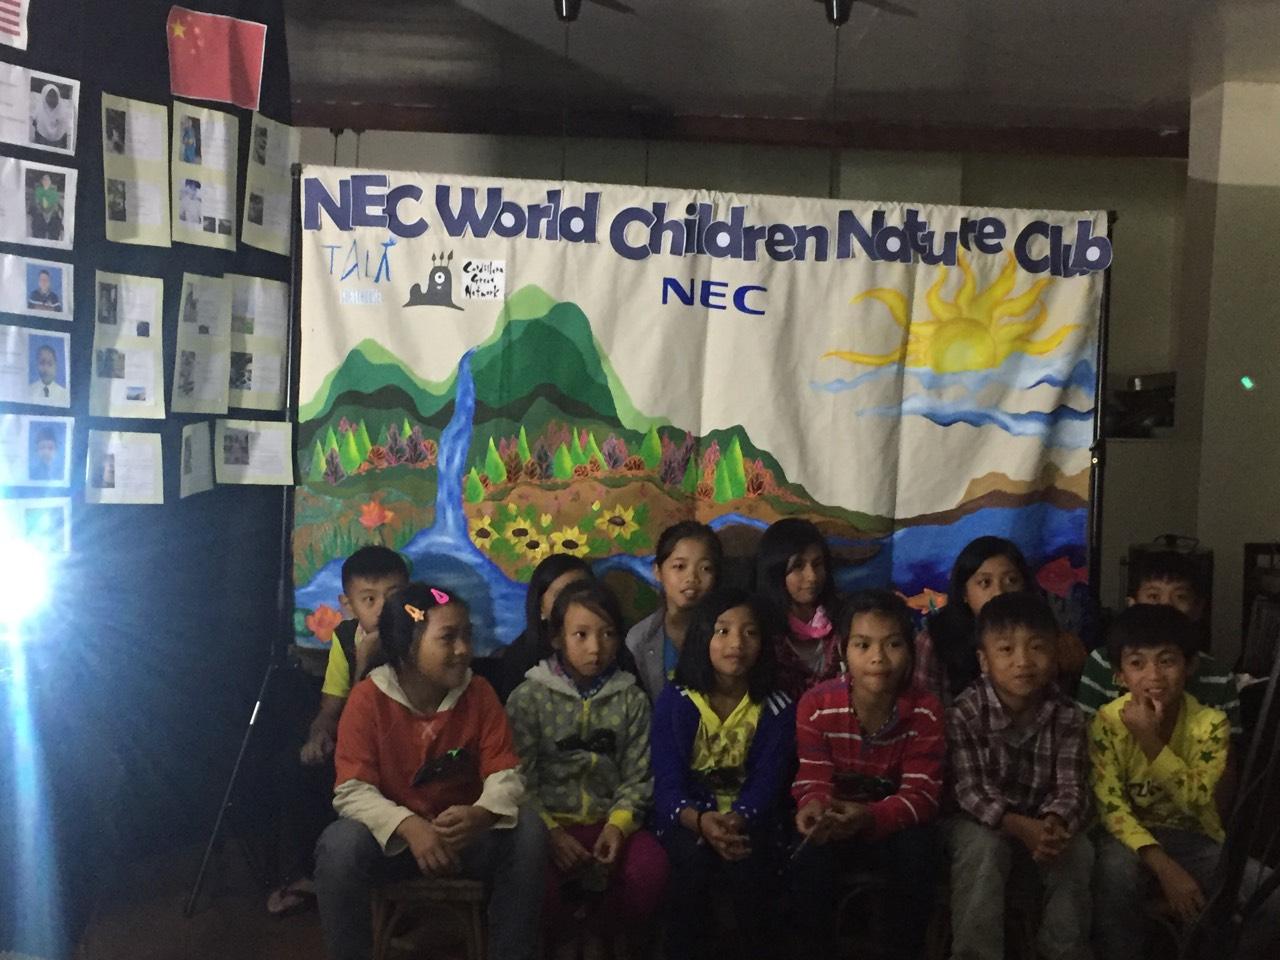 Skype call to China - NEC